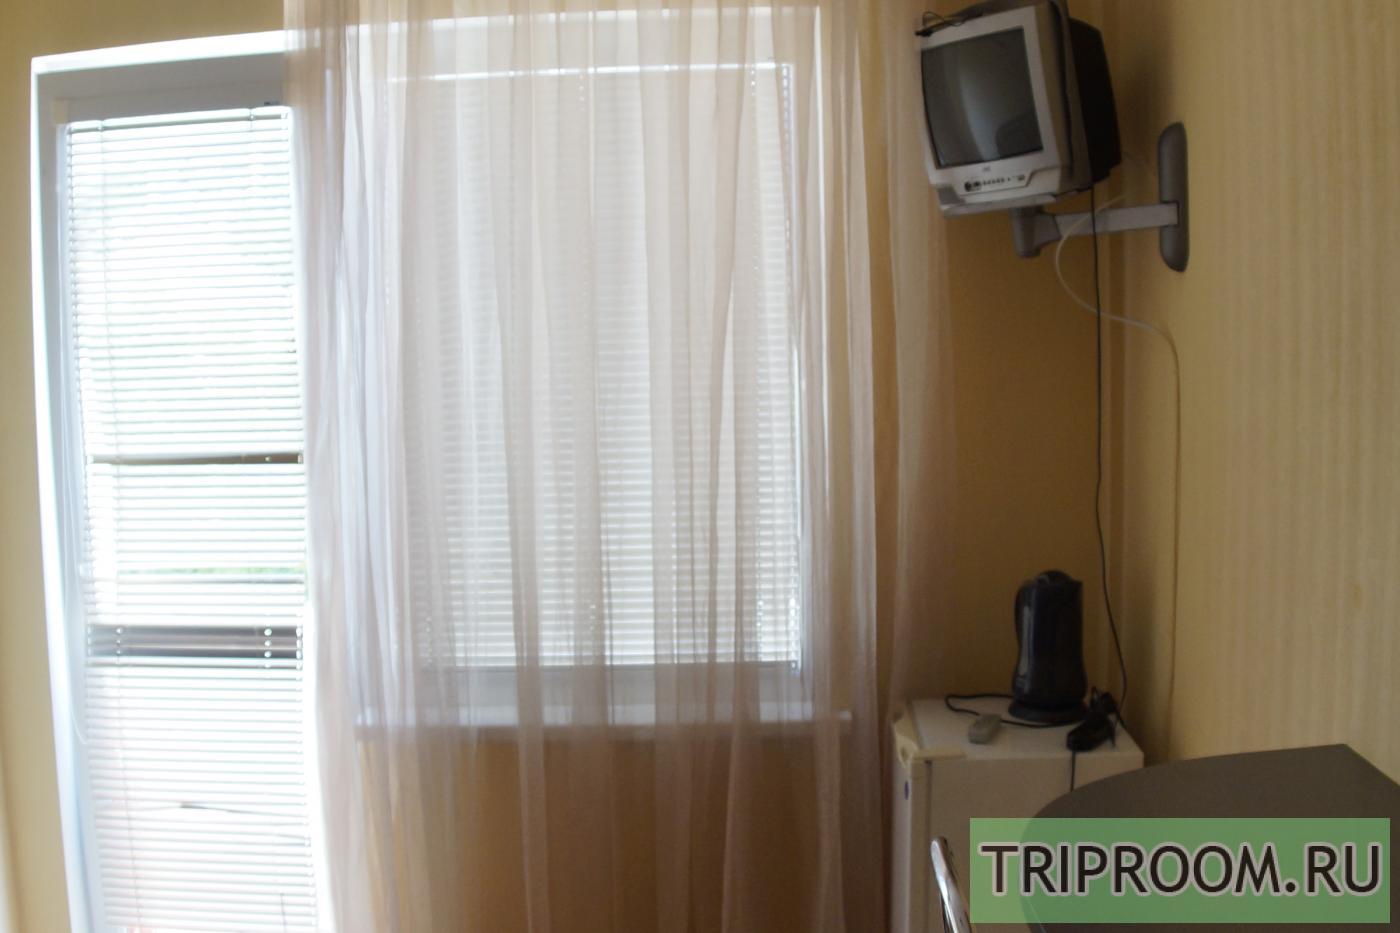 1-комнатная квартира посуточно (вариант № 8882), ул. Южногородская набережная, фото № 7